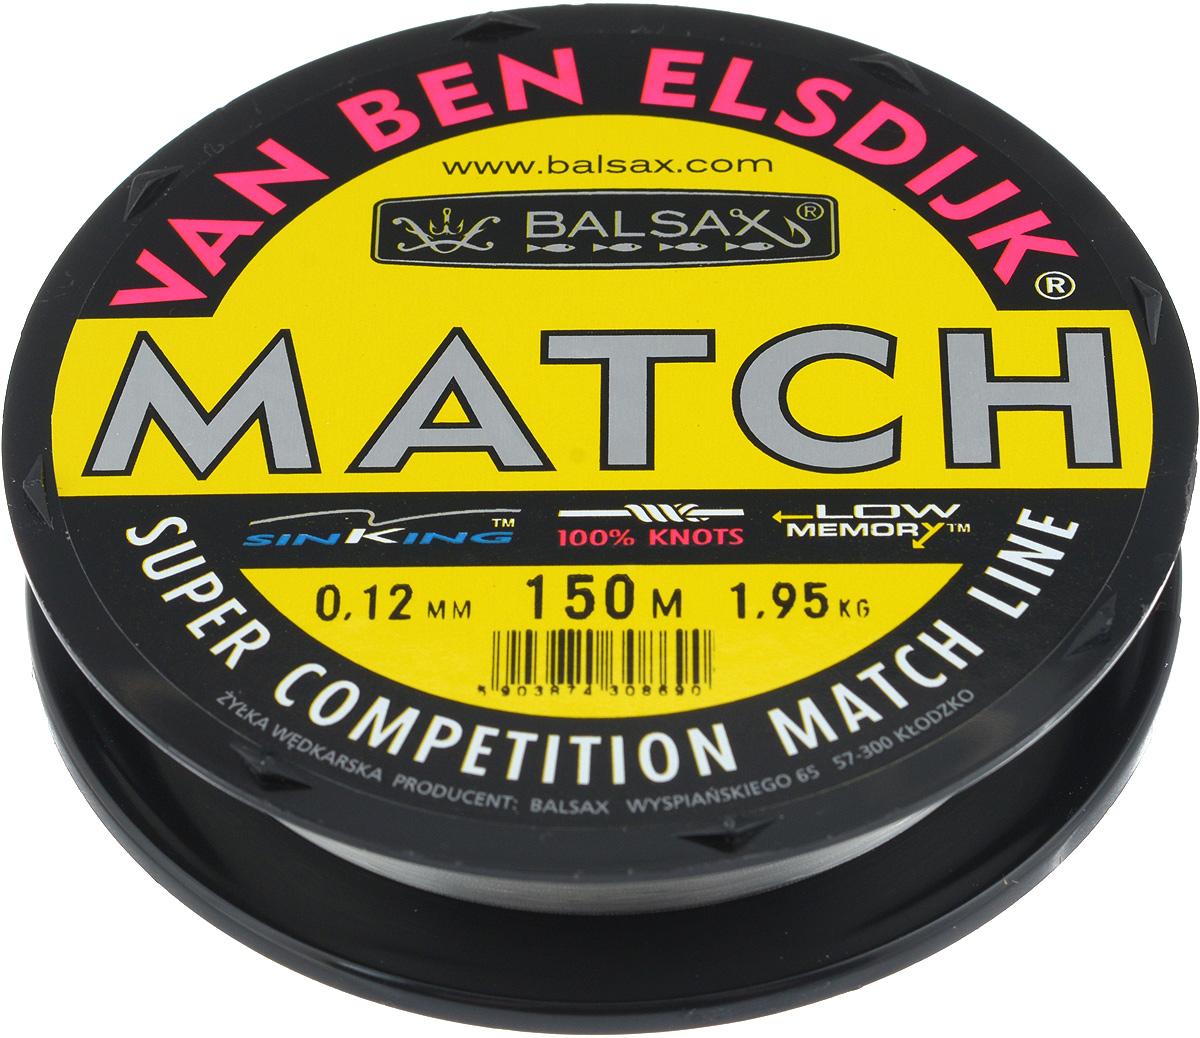 Леска Balsax Match VBE, 150 м, 0,12 мм, 1,95 кг59256Опытным спортсменам, участвующим в соревнованиях, нужна надежная леска, в которой можно быть уверенным в любой ситуации. Леска Balsax Match VBE отличается замечательной прочностью на узле и высокой сопротивляемостью к истиранию. Она была проверена на склонность к остаточным деформациям, чтобы убедиться в том, что она обладает наиболее подходящей растяжимостью, отвечая самым строгим требованиям рыболовов. Такая леска отлично подходит как для спортивного, так и для любительского рыболовства.